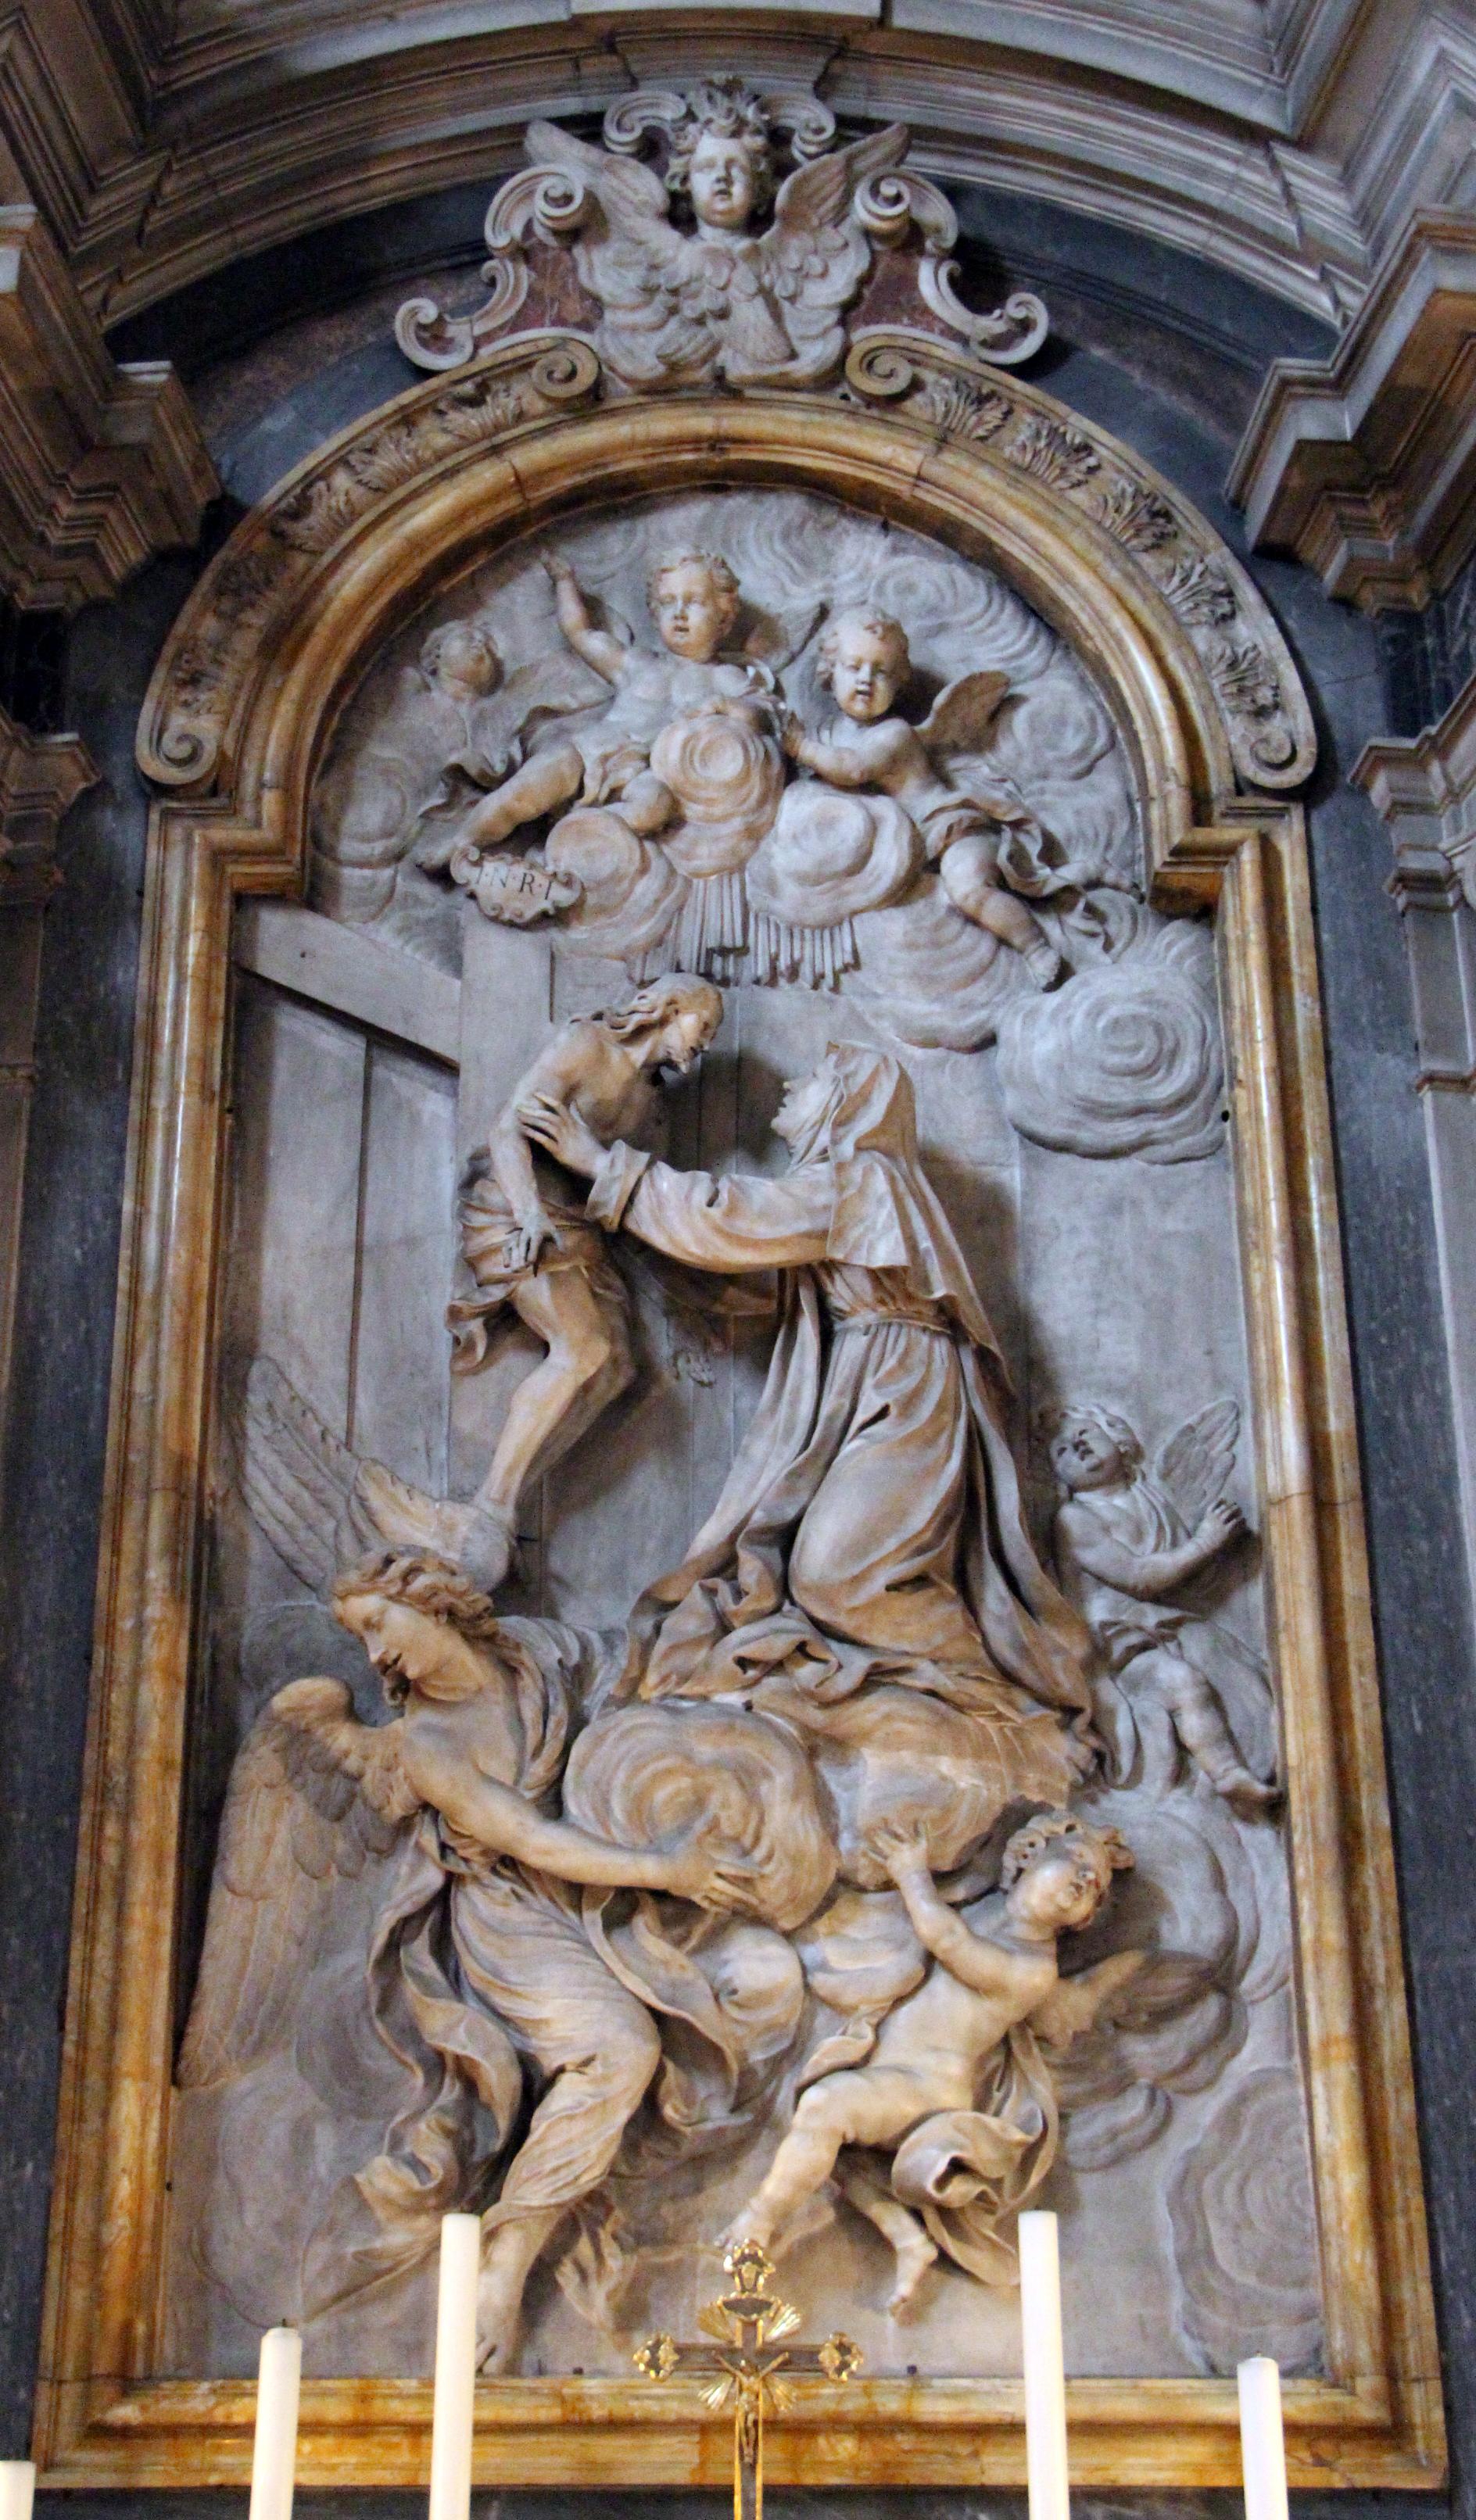 FileGirolamo Ticciati Miracolo Di S Caterina De Ricci Che Abbraccia Il